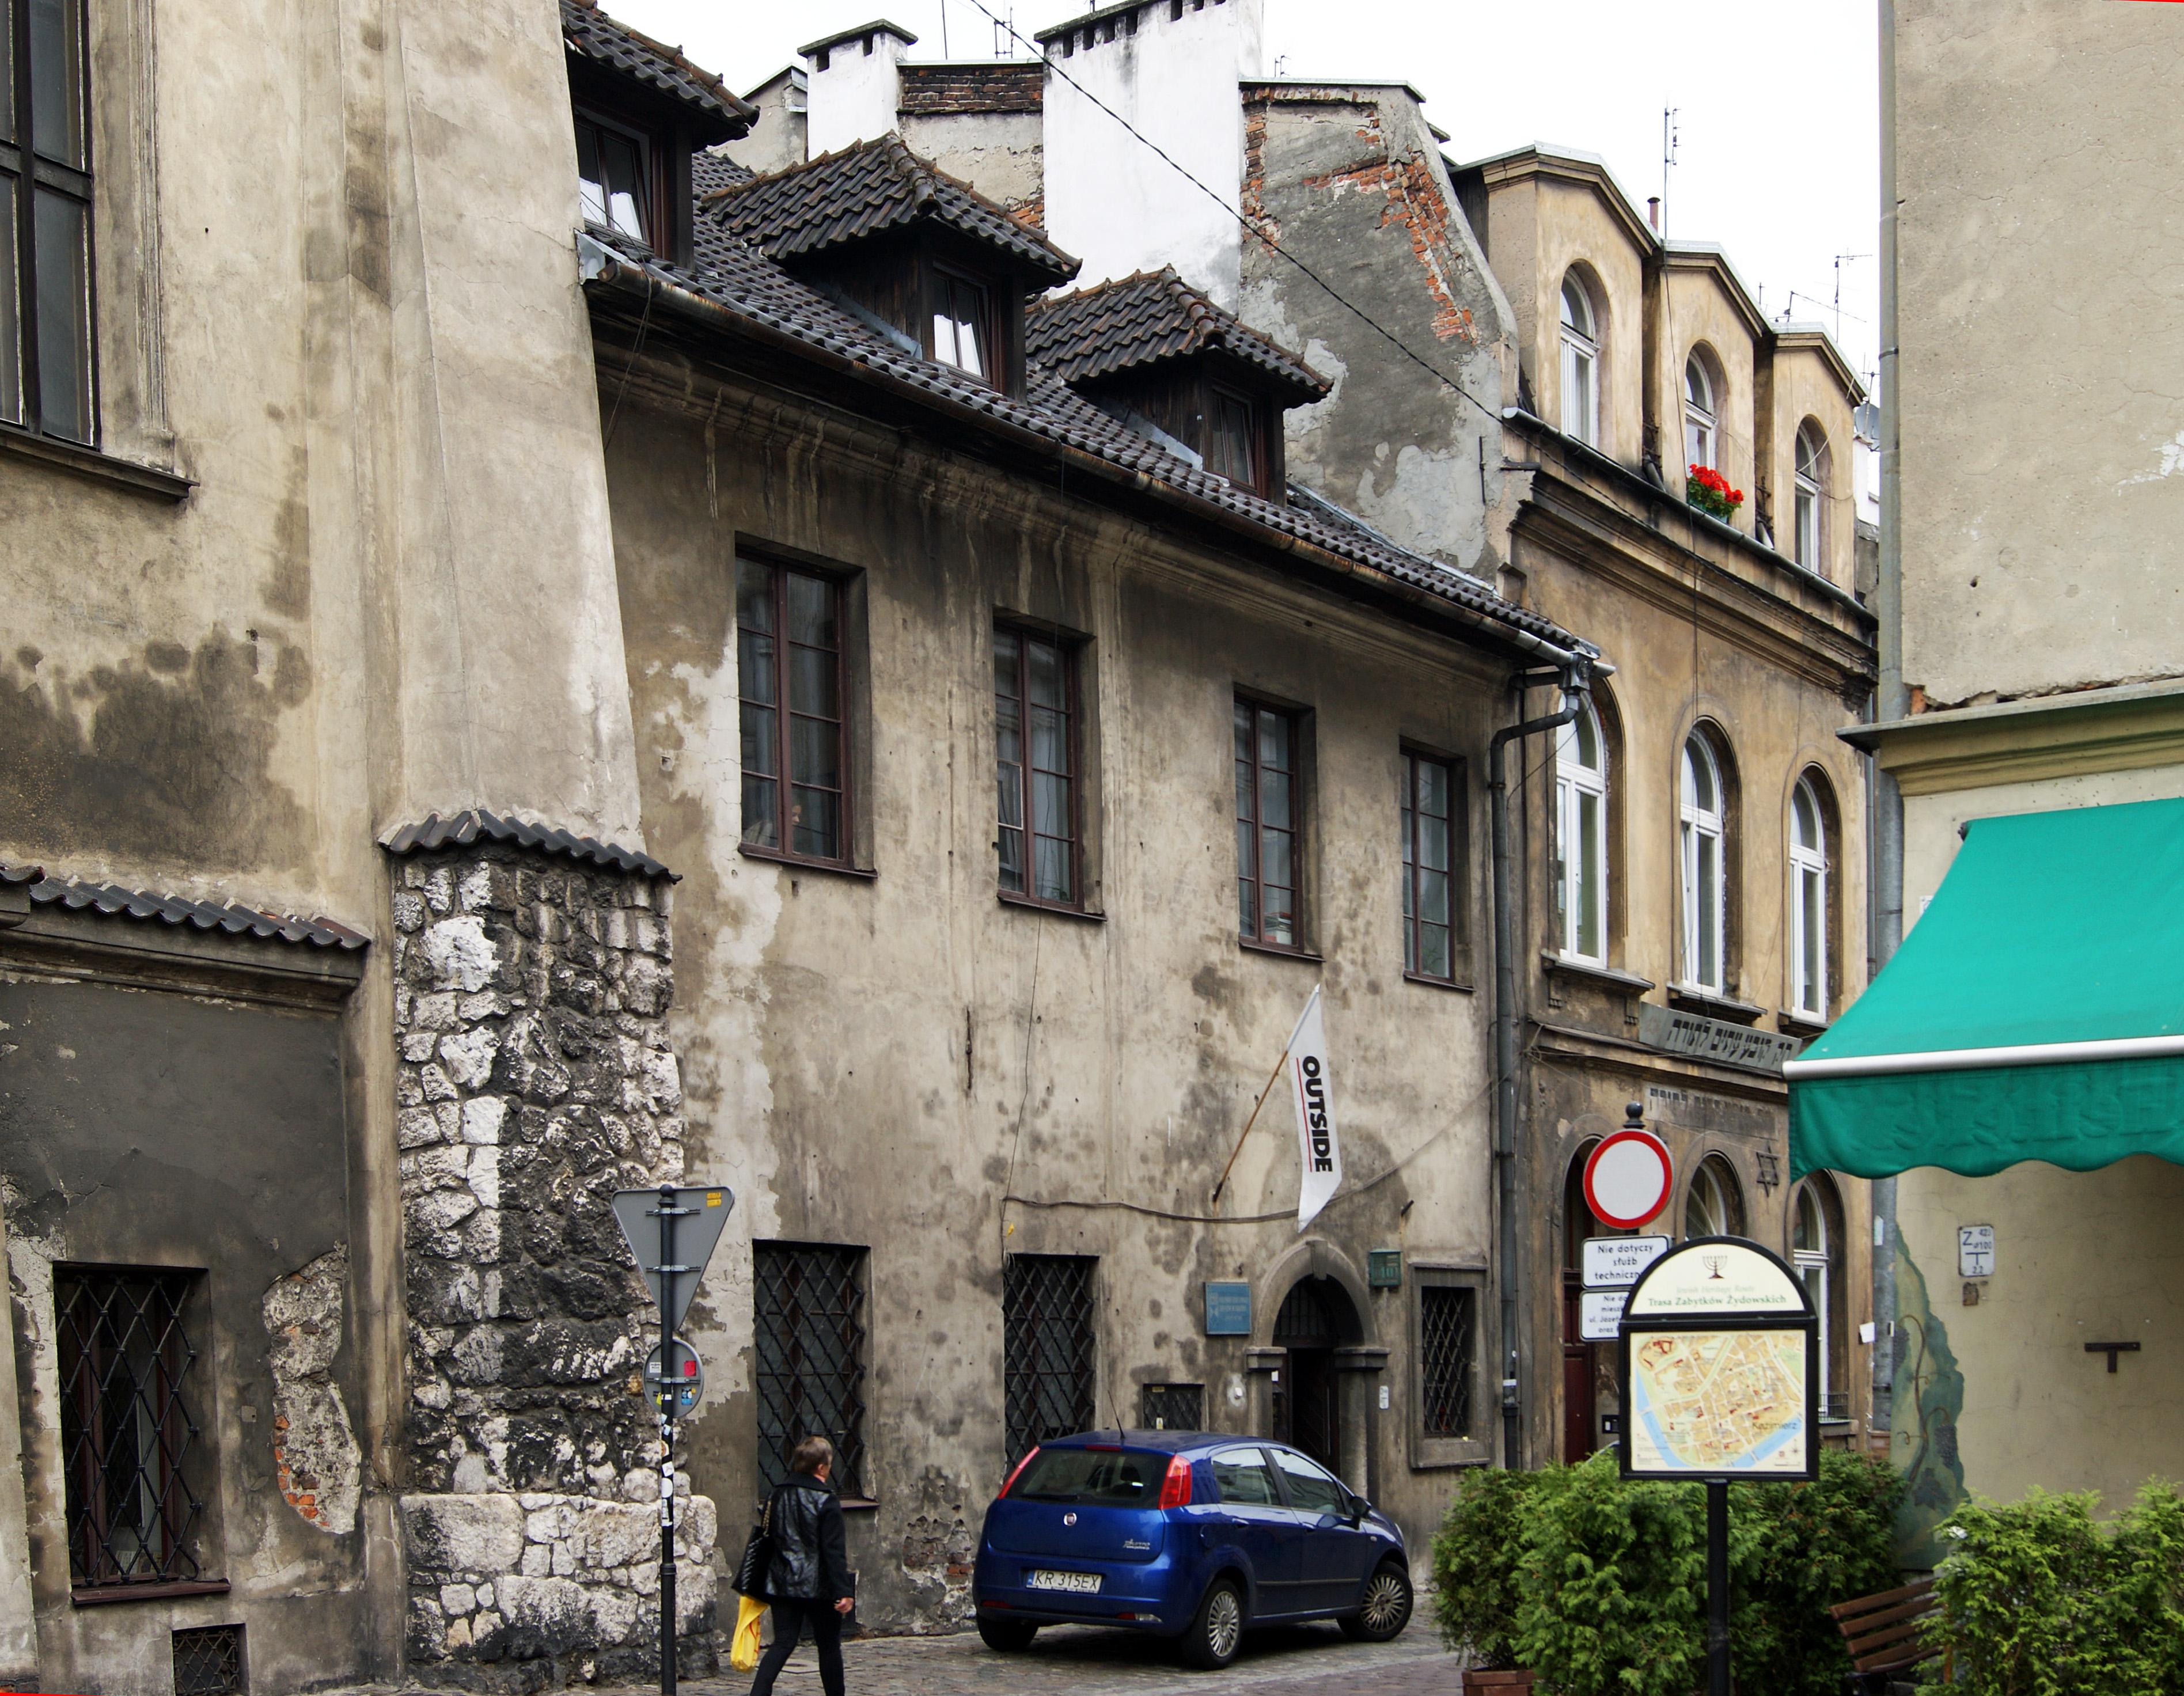 File:Tenement, 40 Jozefa street, Kazimierz, Krakow, Poland.jpg